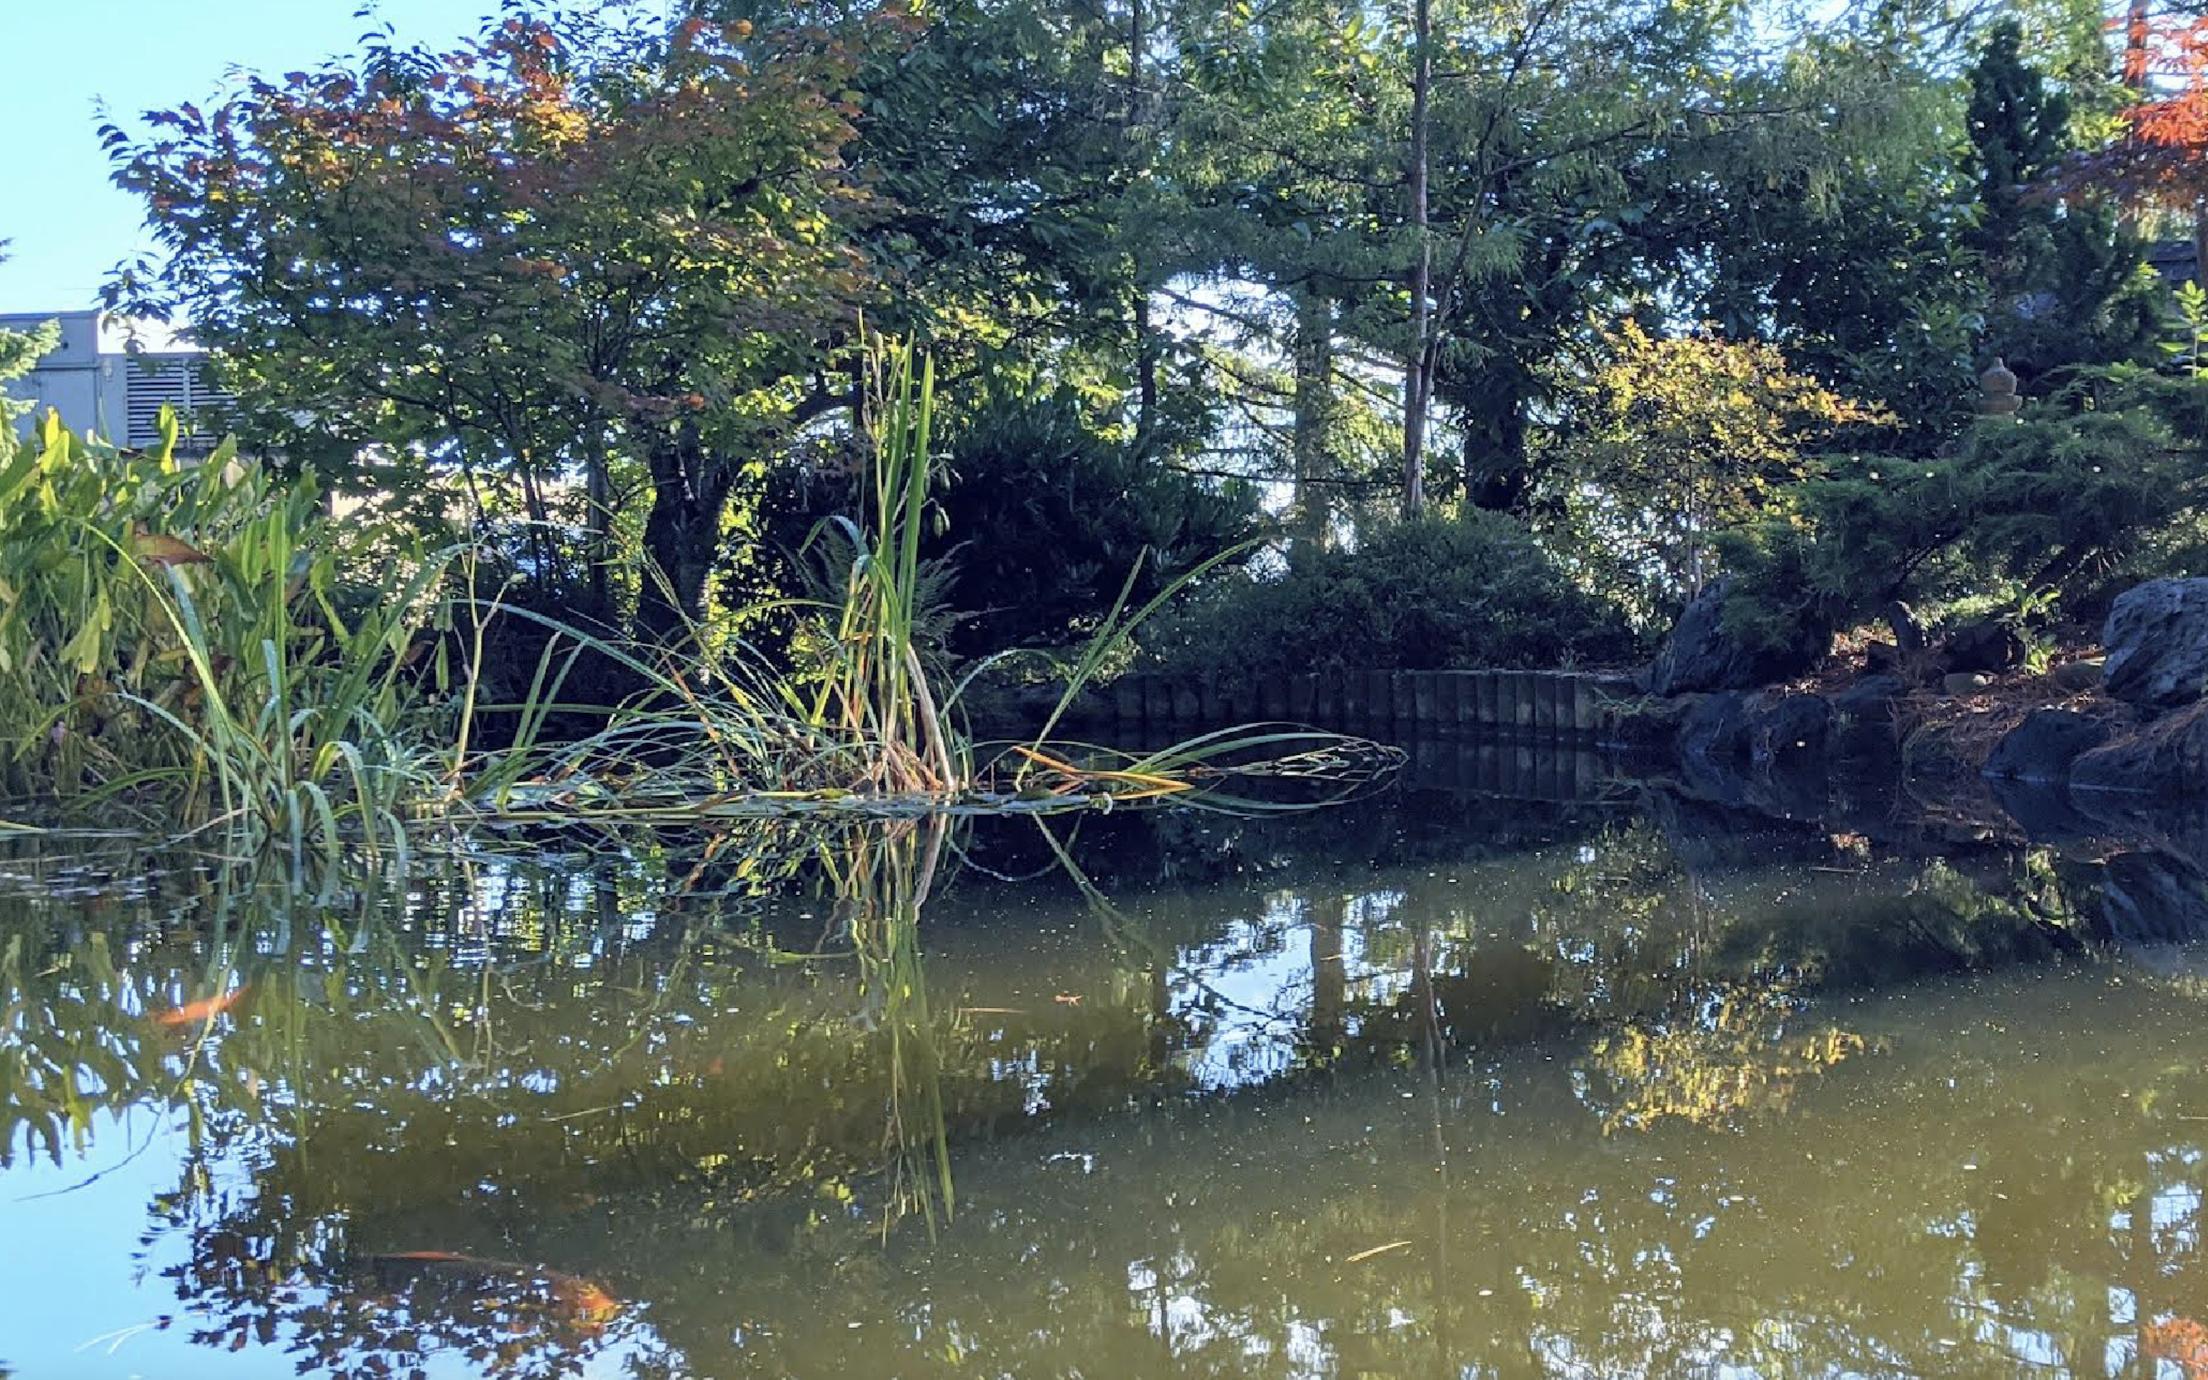 The Koi pond at VIU's nanaimo campus